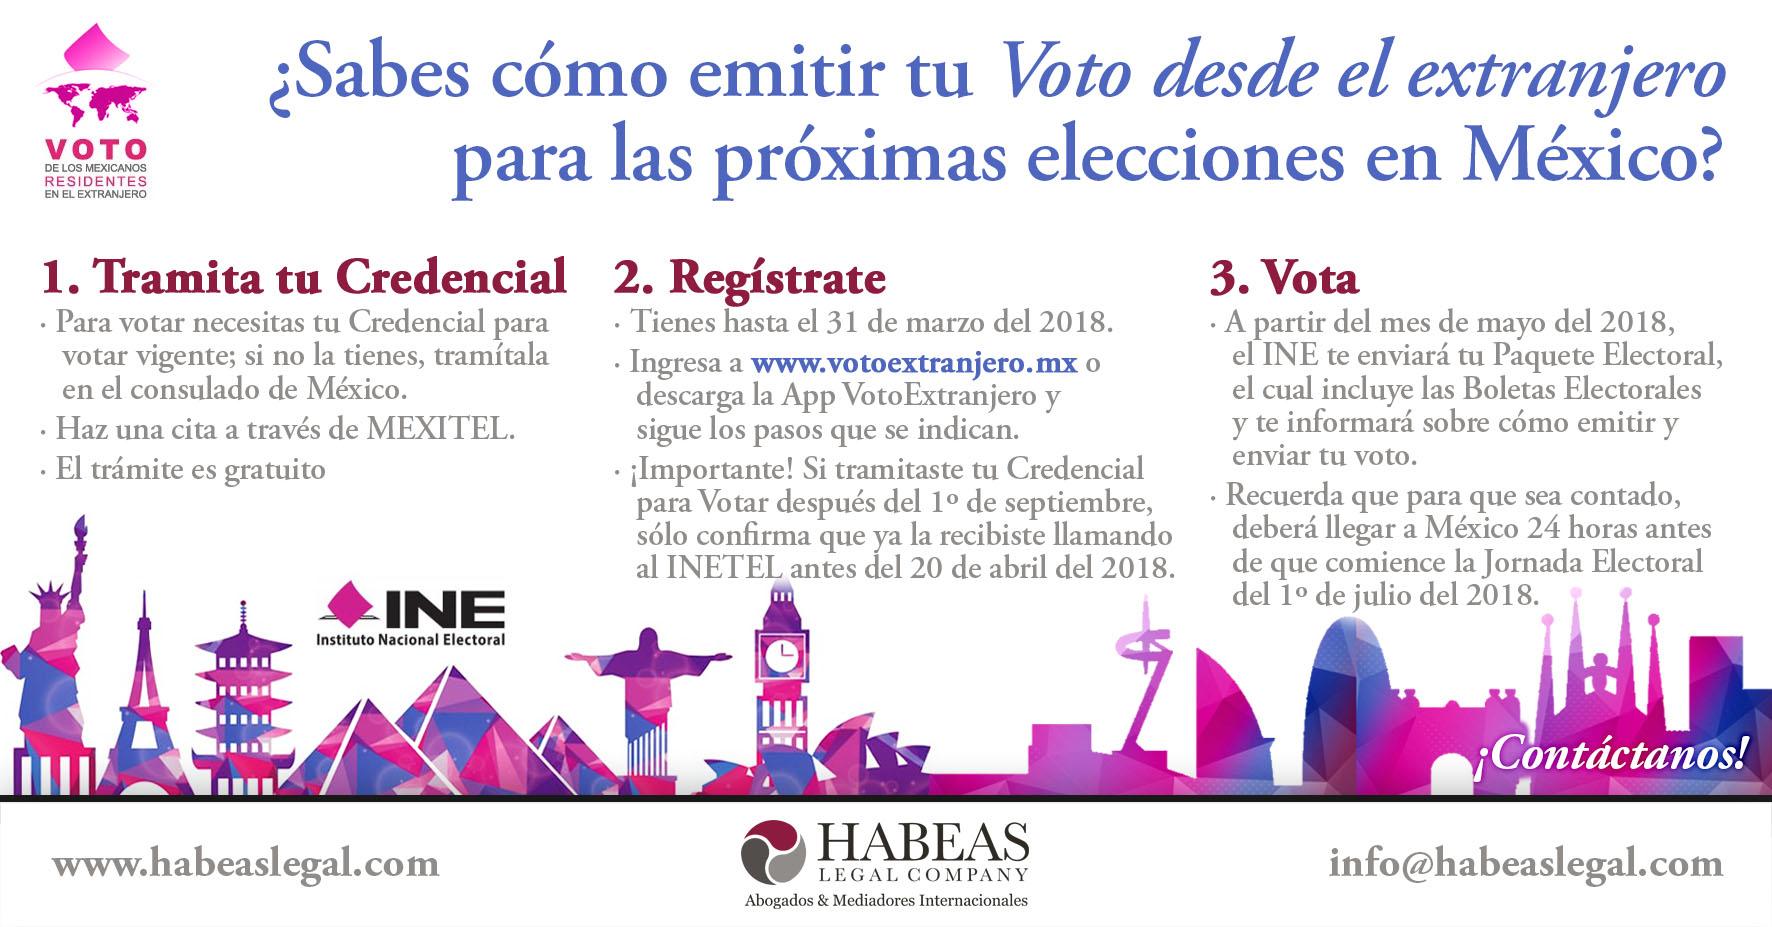 Voto extranjero mexico habeas - ¿Sabes cómo emitir tu Voto desde el extranjero para las próximas elecciones en México?